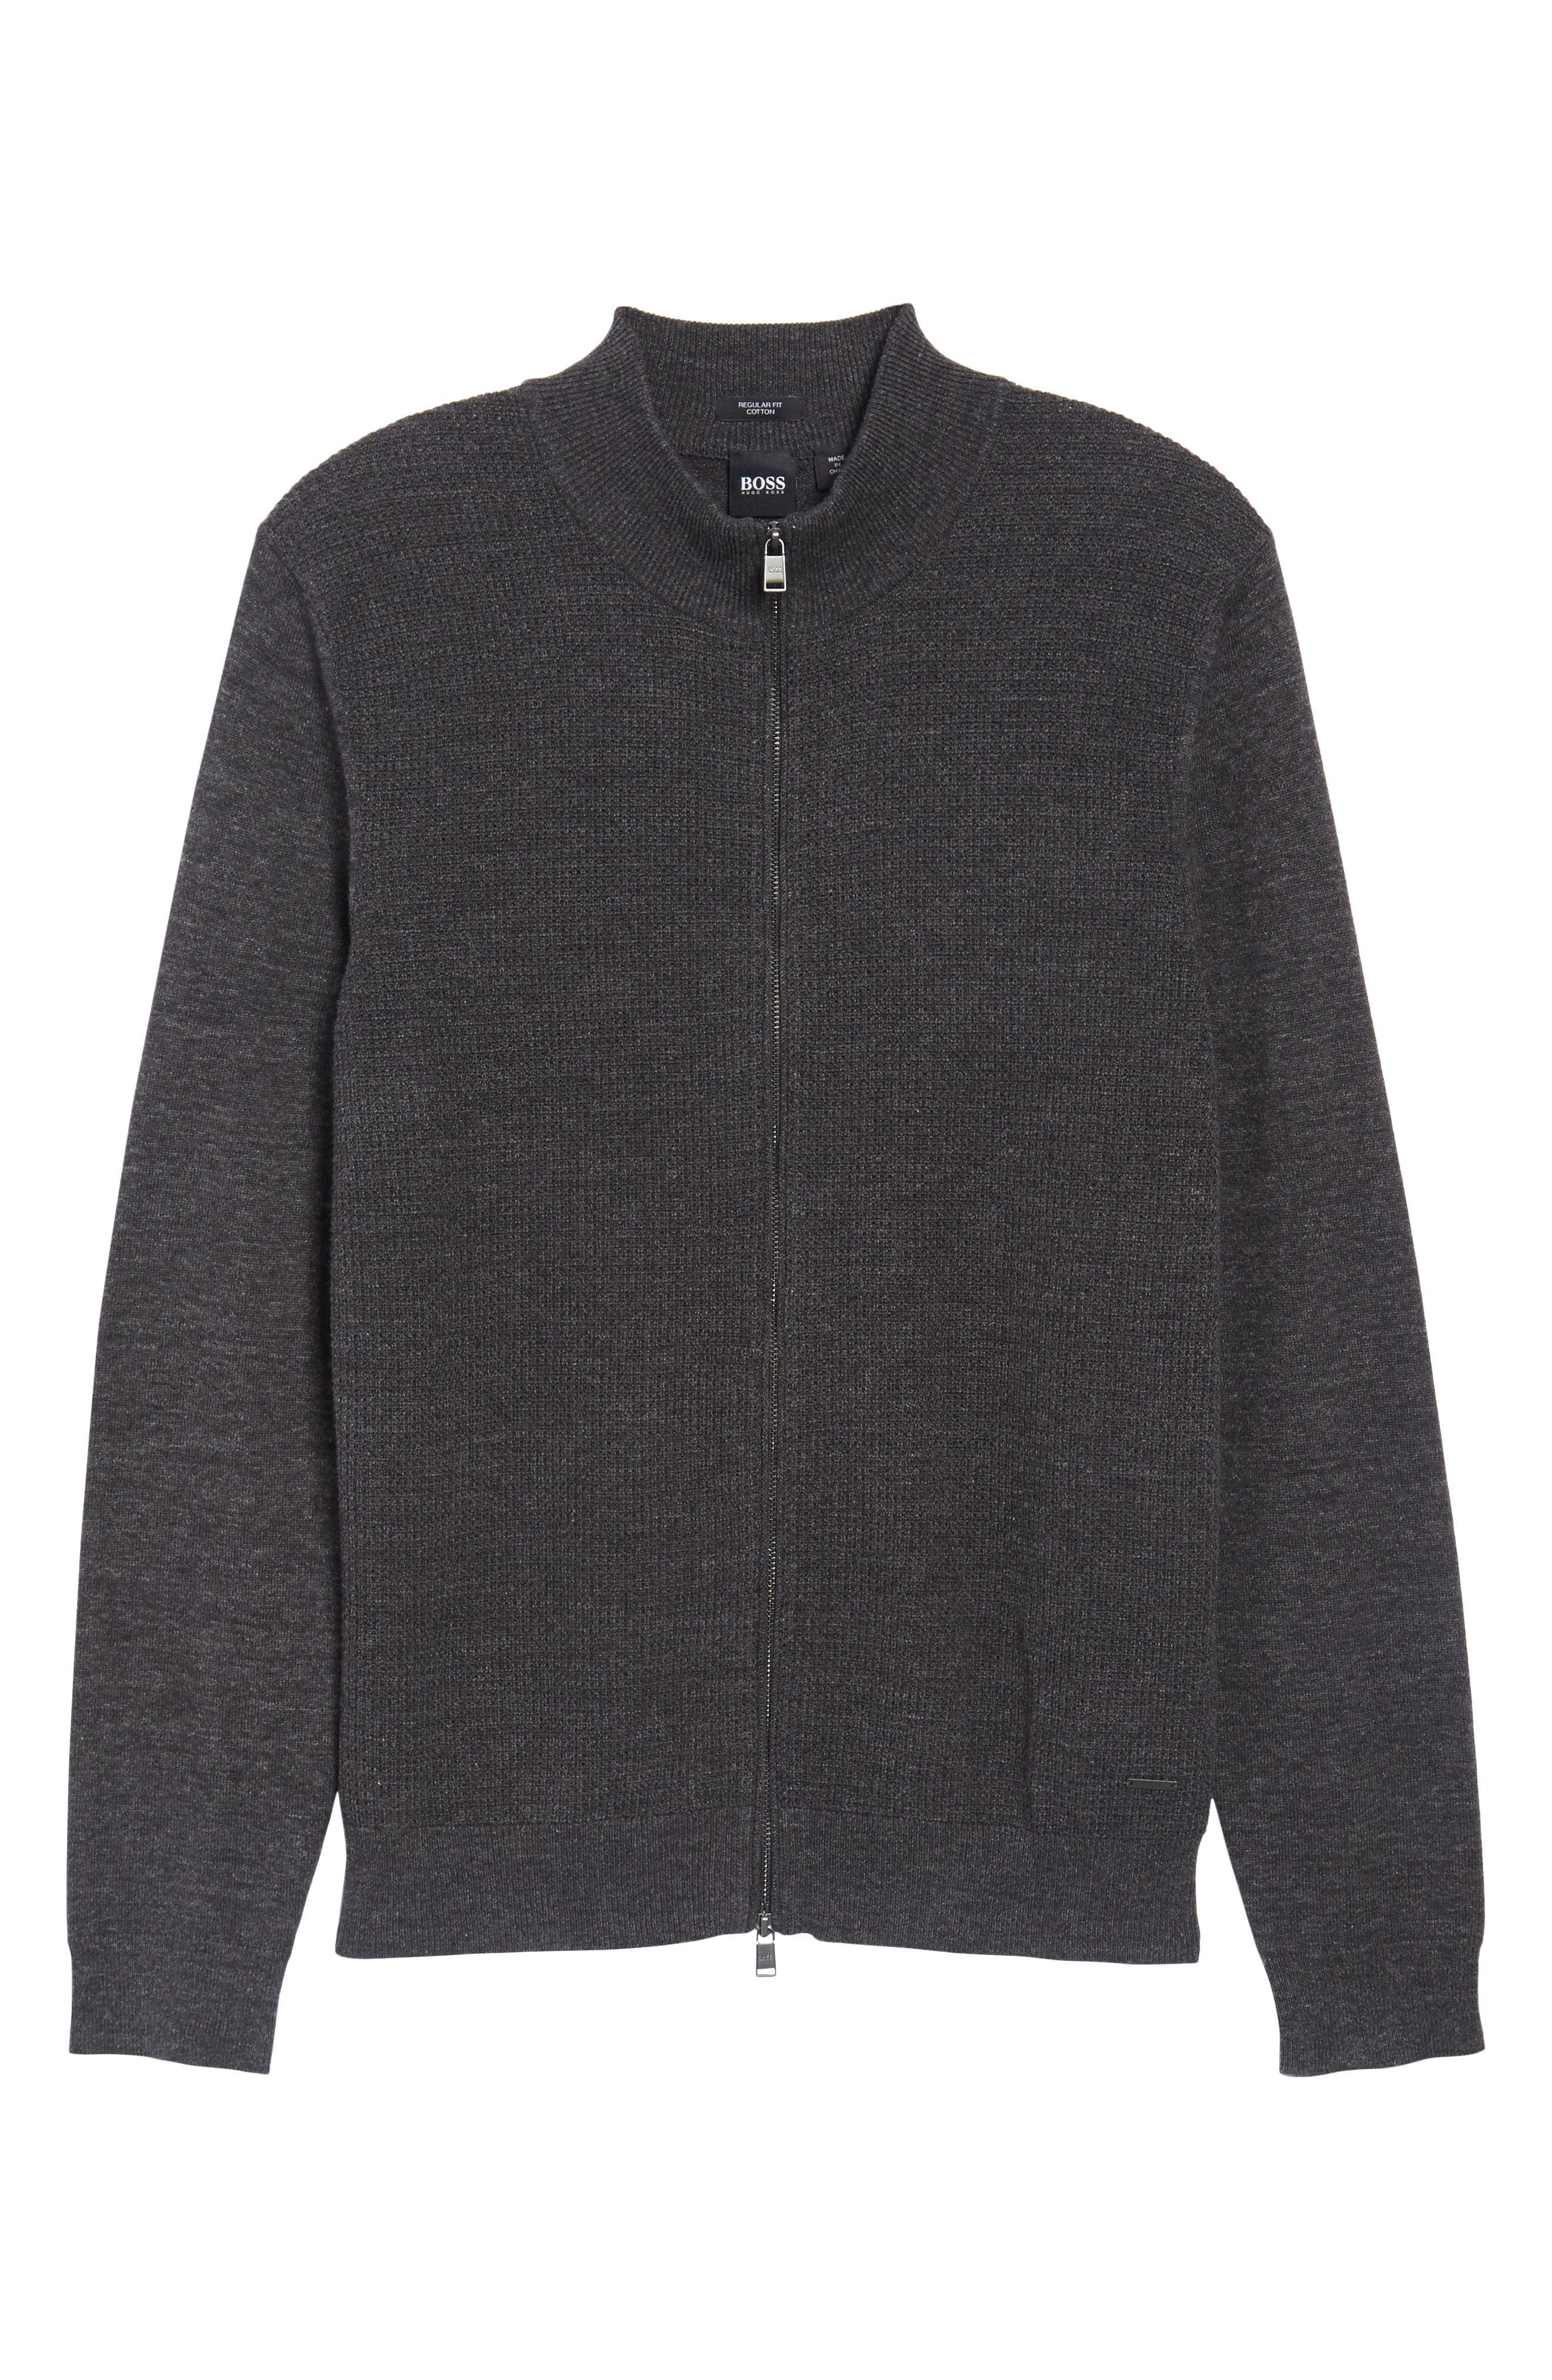 Devino Cotton Zip Jacket,                             Alternate thumbnail 6, color,                             061